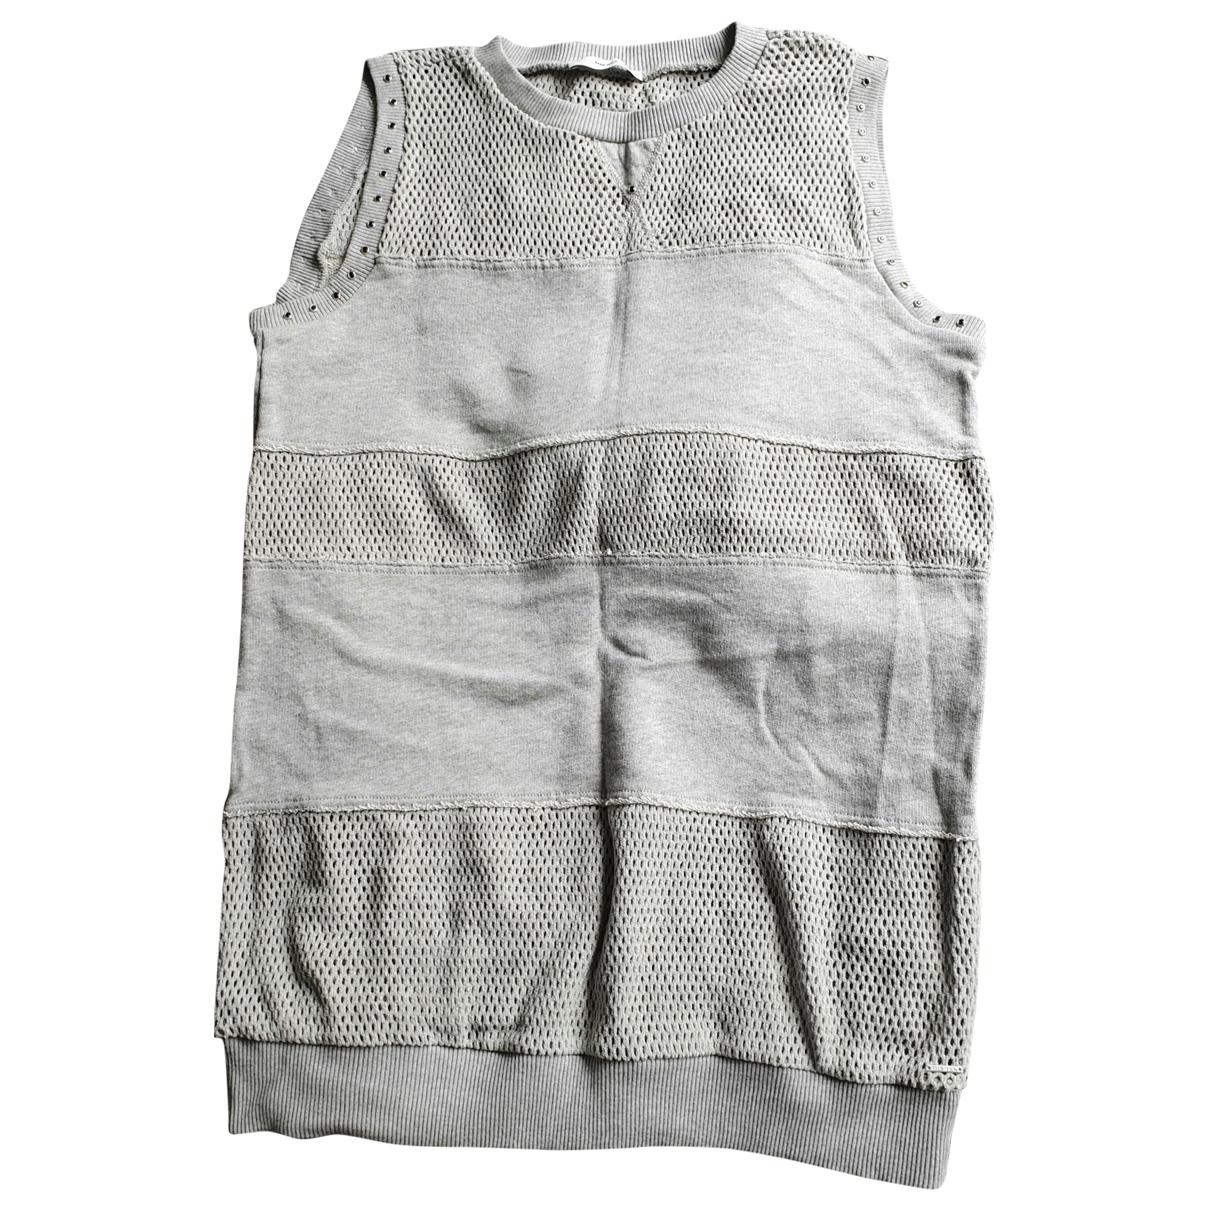 Diesel - Top   pour femme en coton - gris